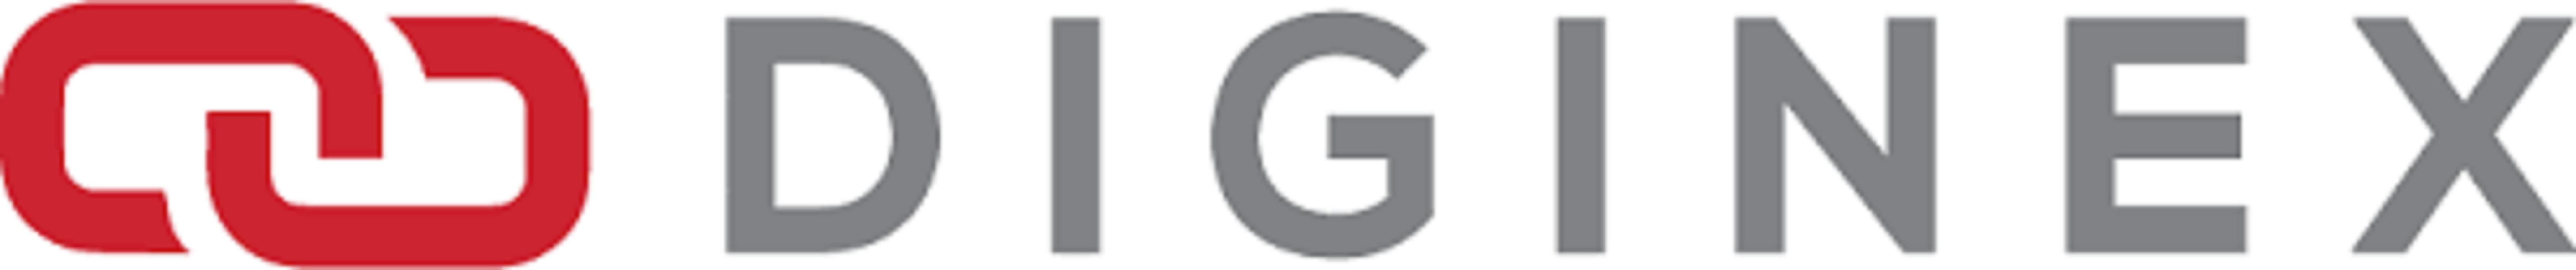 EQOS logo